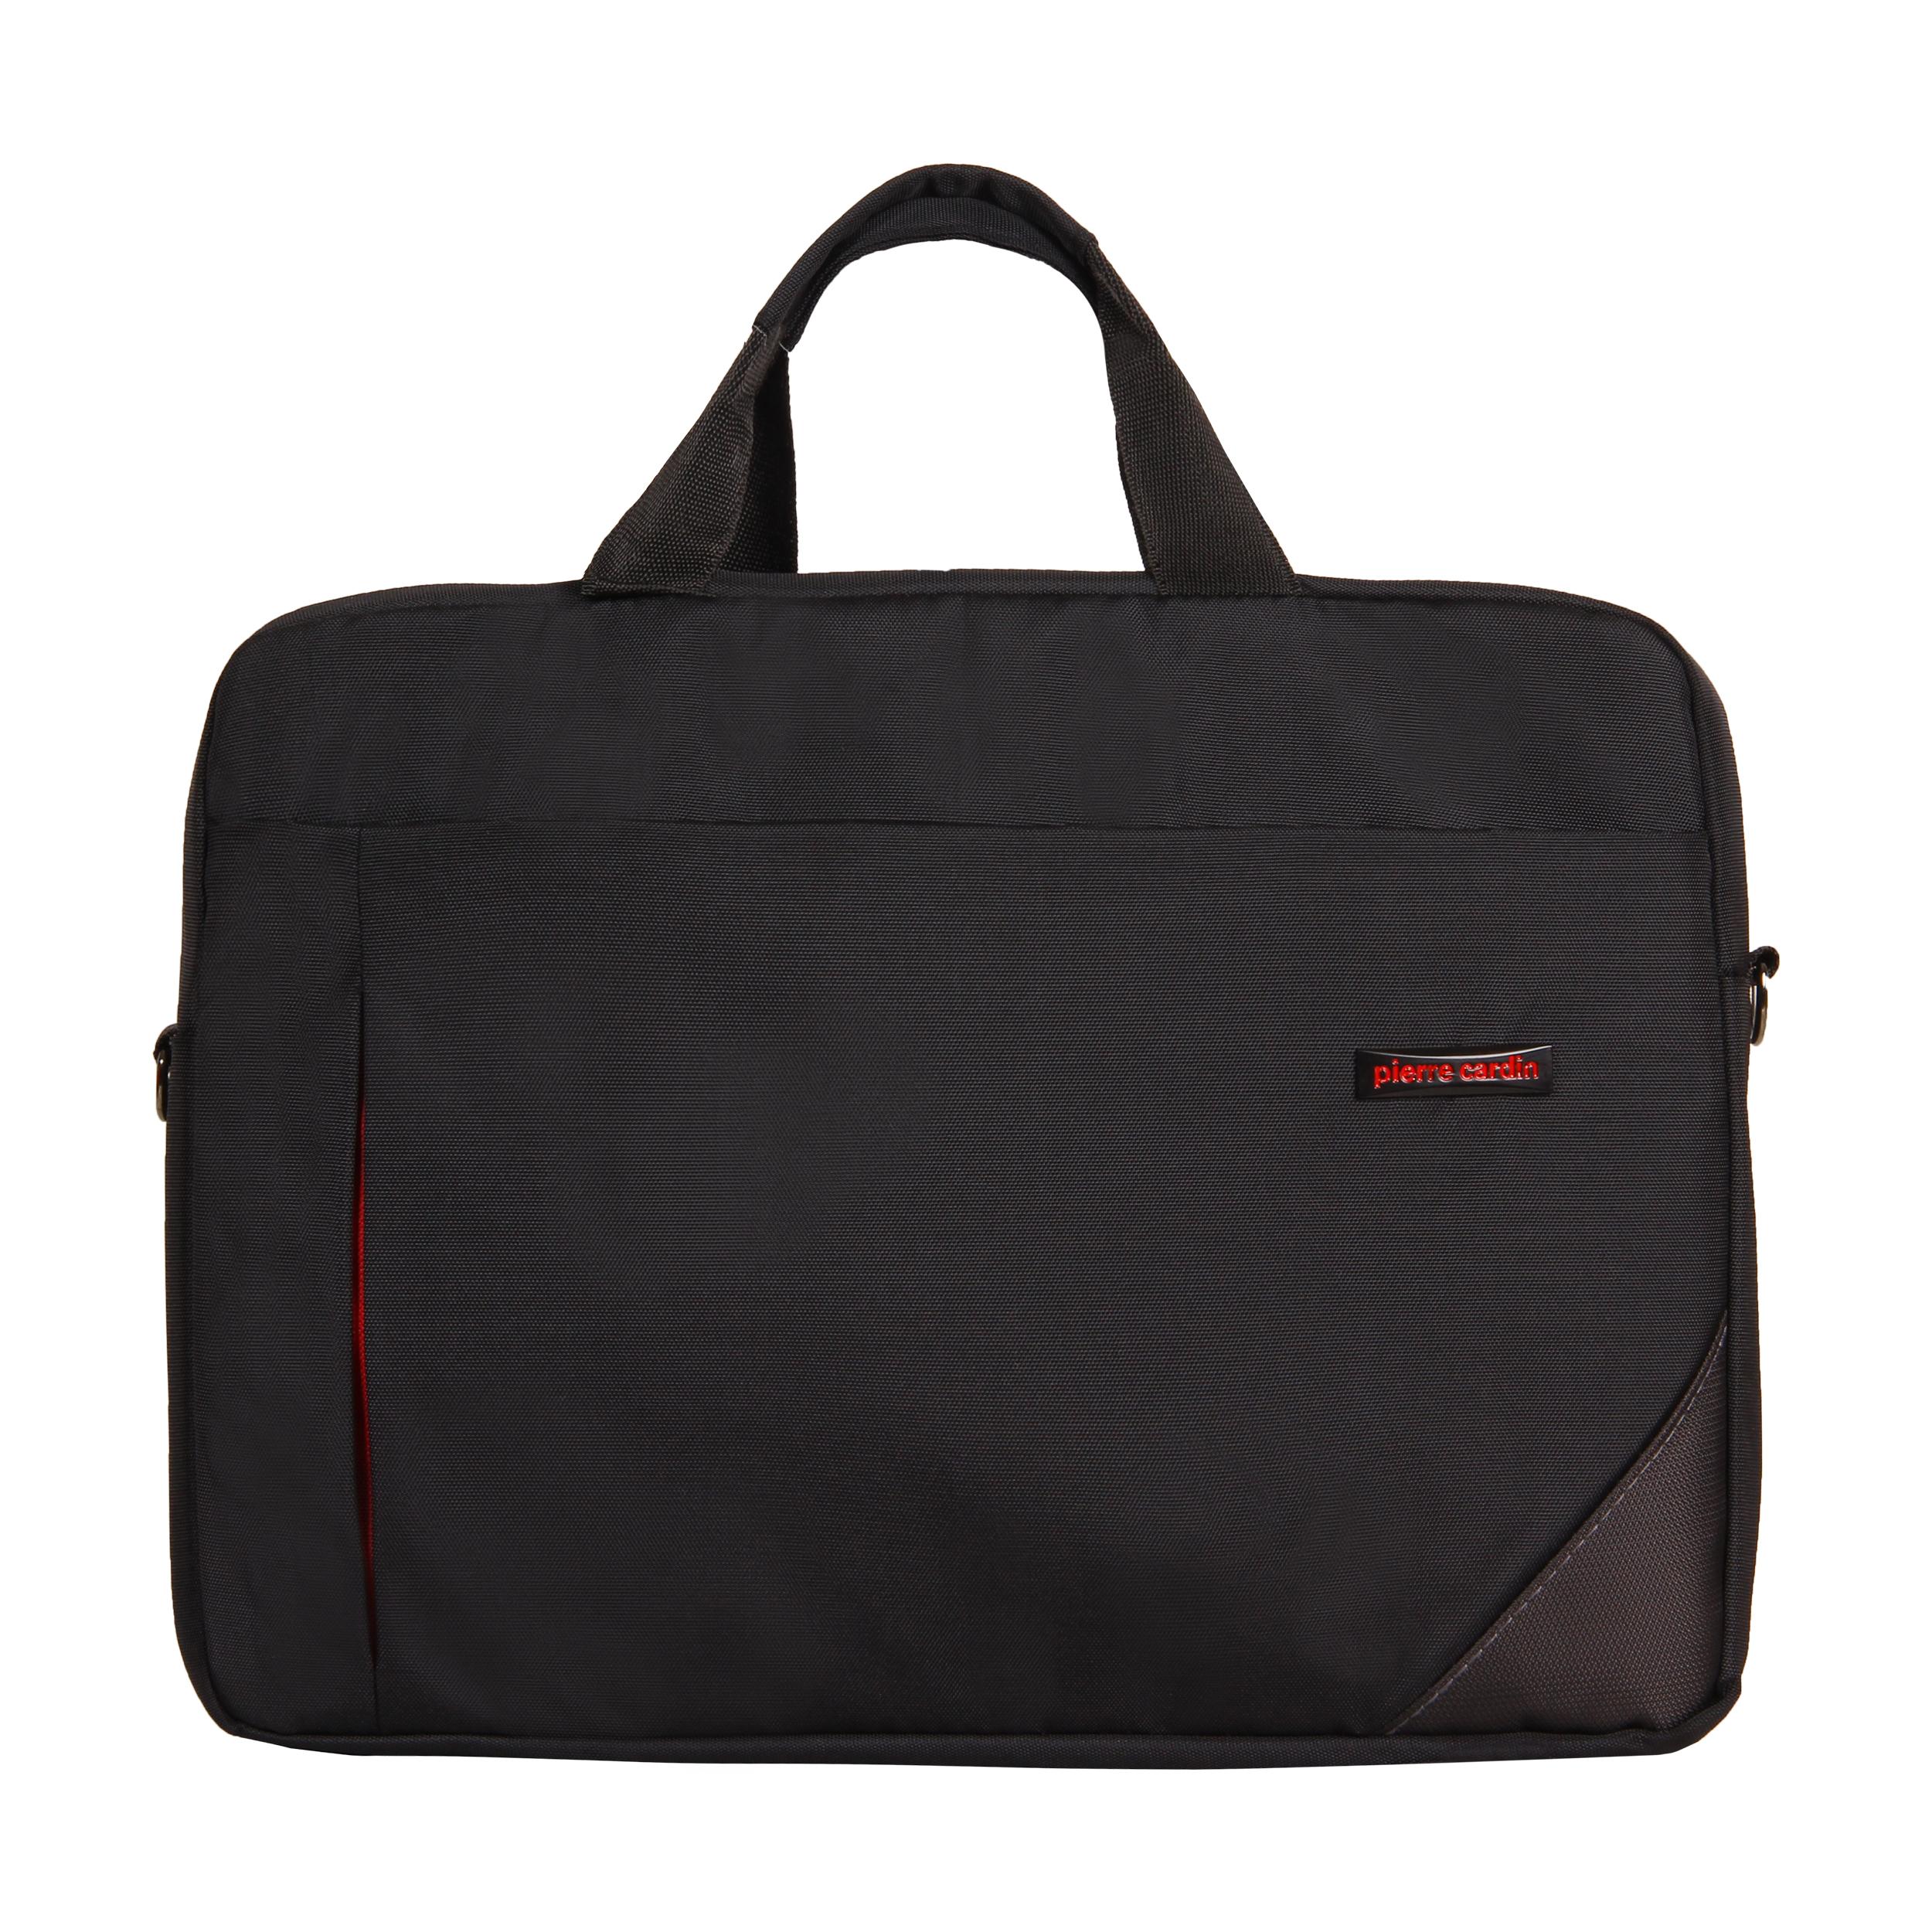 کیف لپ تاپ مدل T1221 مناسب برای لپ تاپ 16.4 اینچی